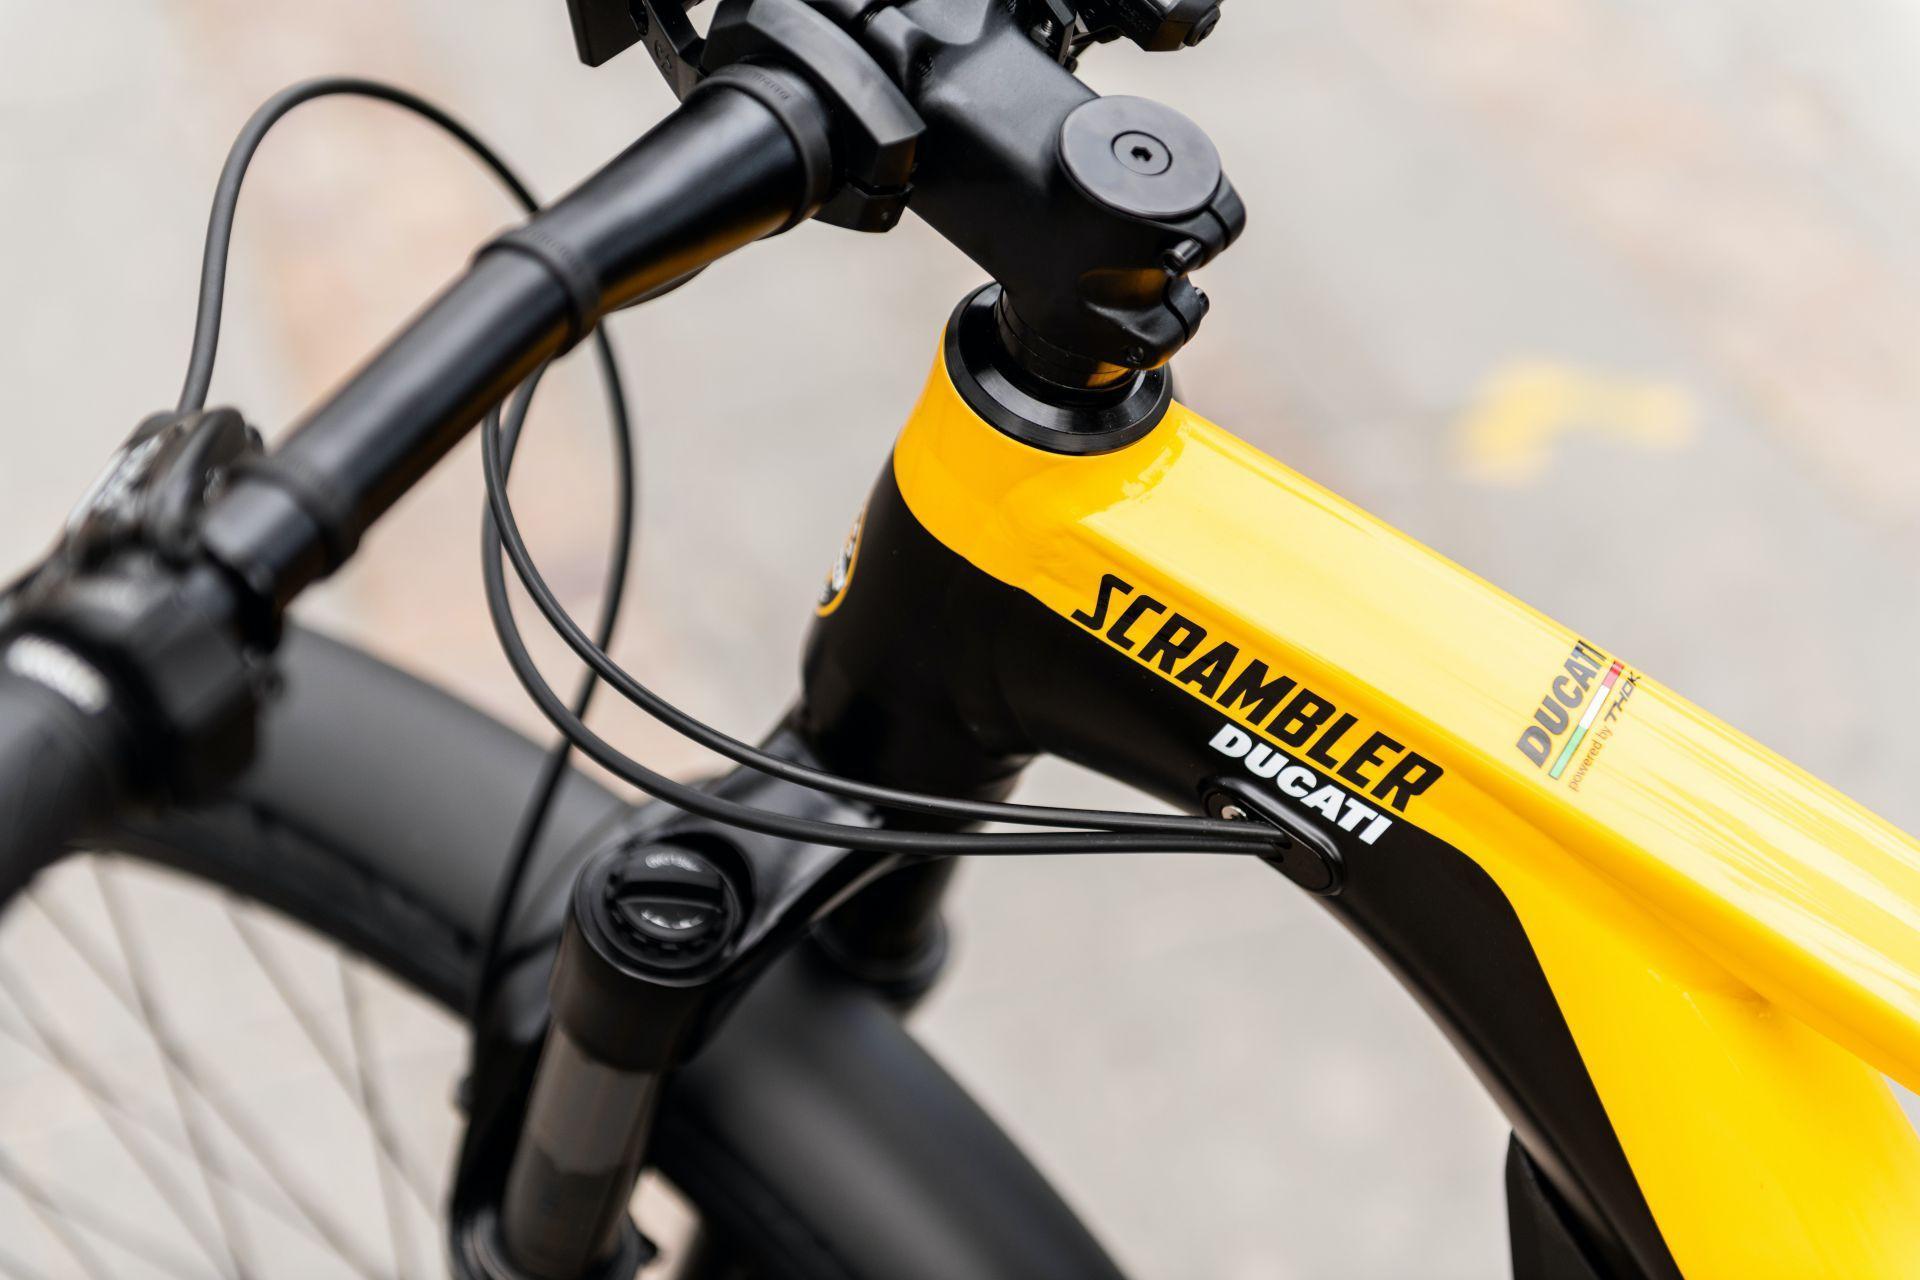 Khám phá xe đạp điện của Ducati có giá lên tới trăm triệu đồng Ảnh 9